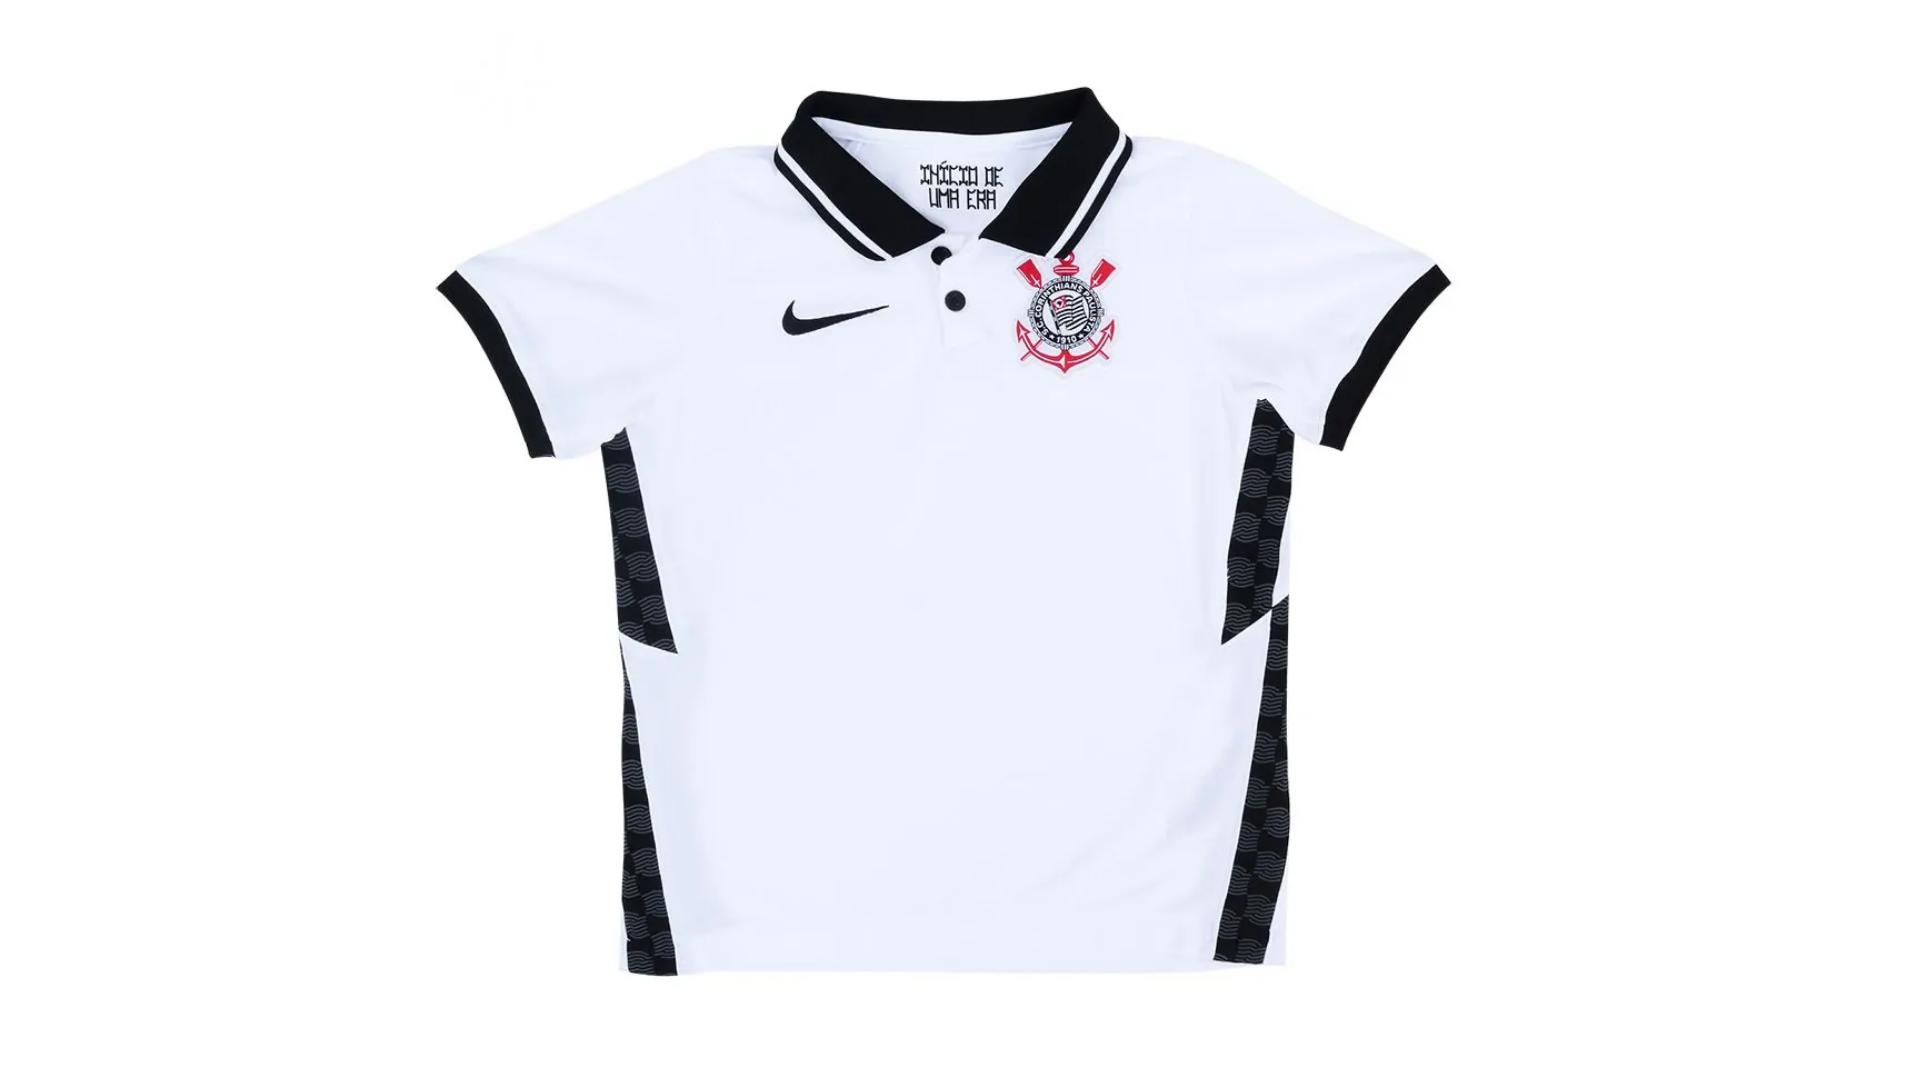 Camisa do Corinthians Infantil 2020 Nike Jogo 1 (Imagem: Divulgação/Nike)